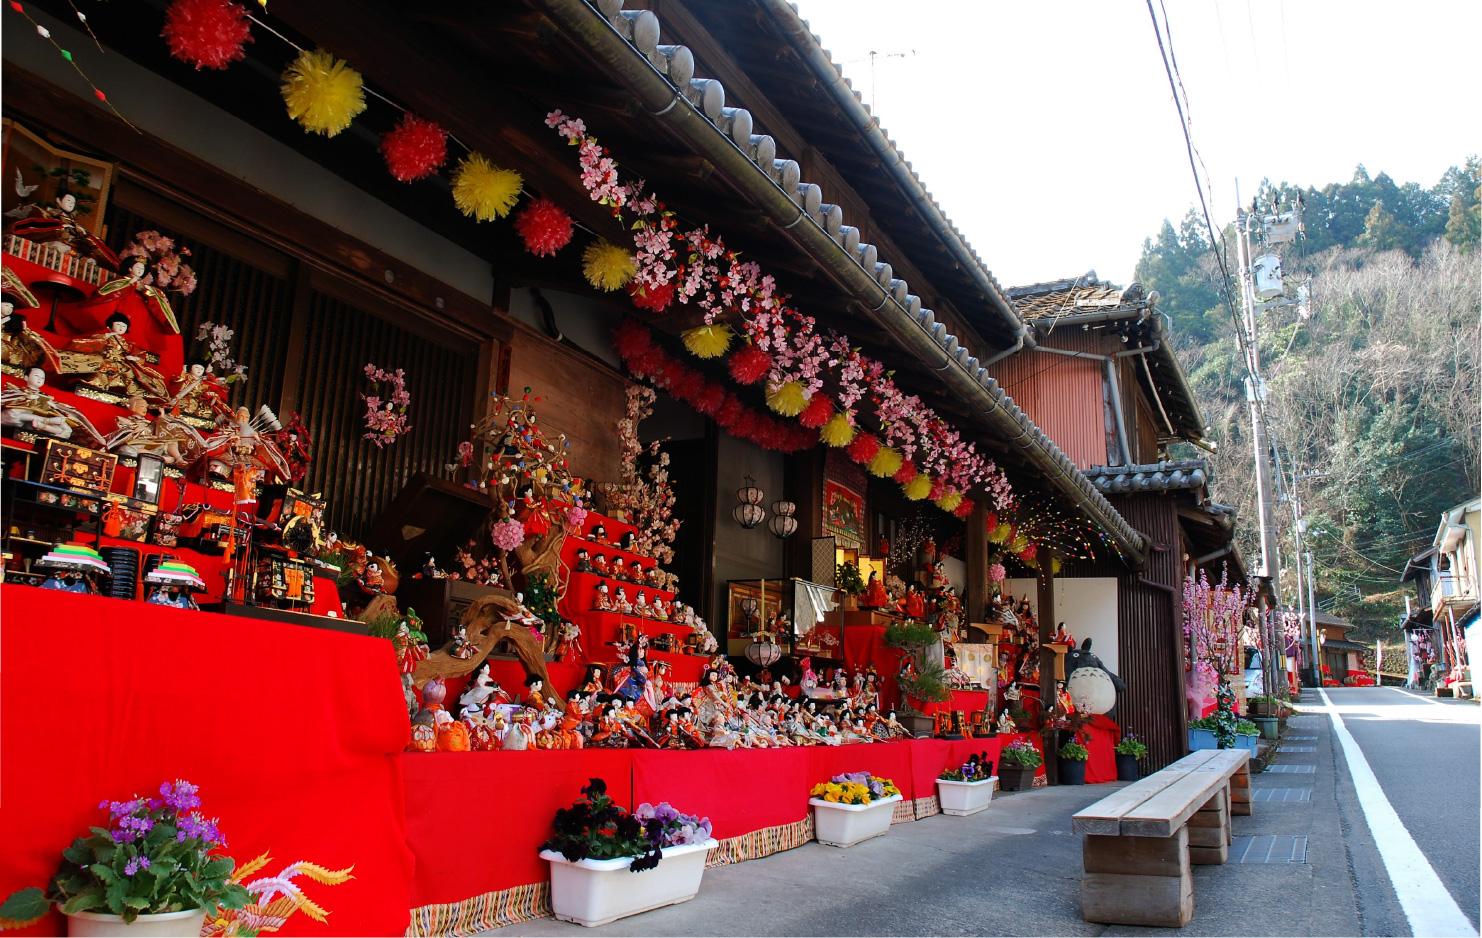 旧街道では、家の軒先に数々のひな人形が飾られ、観光客を楽しませている